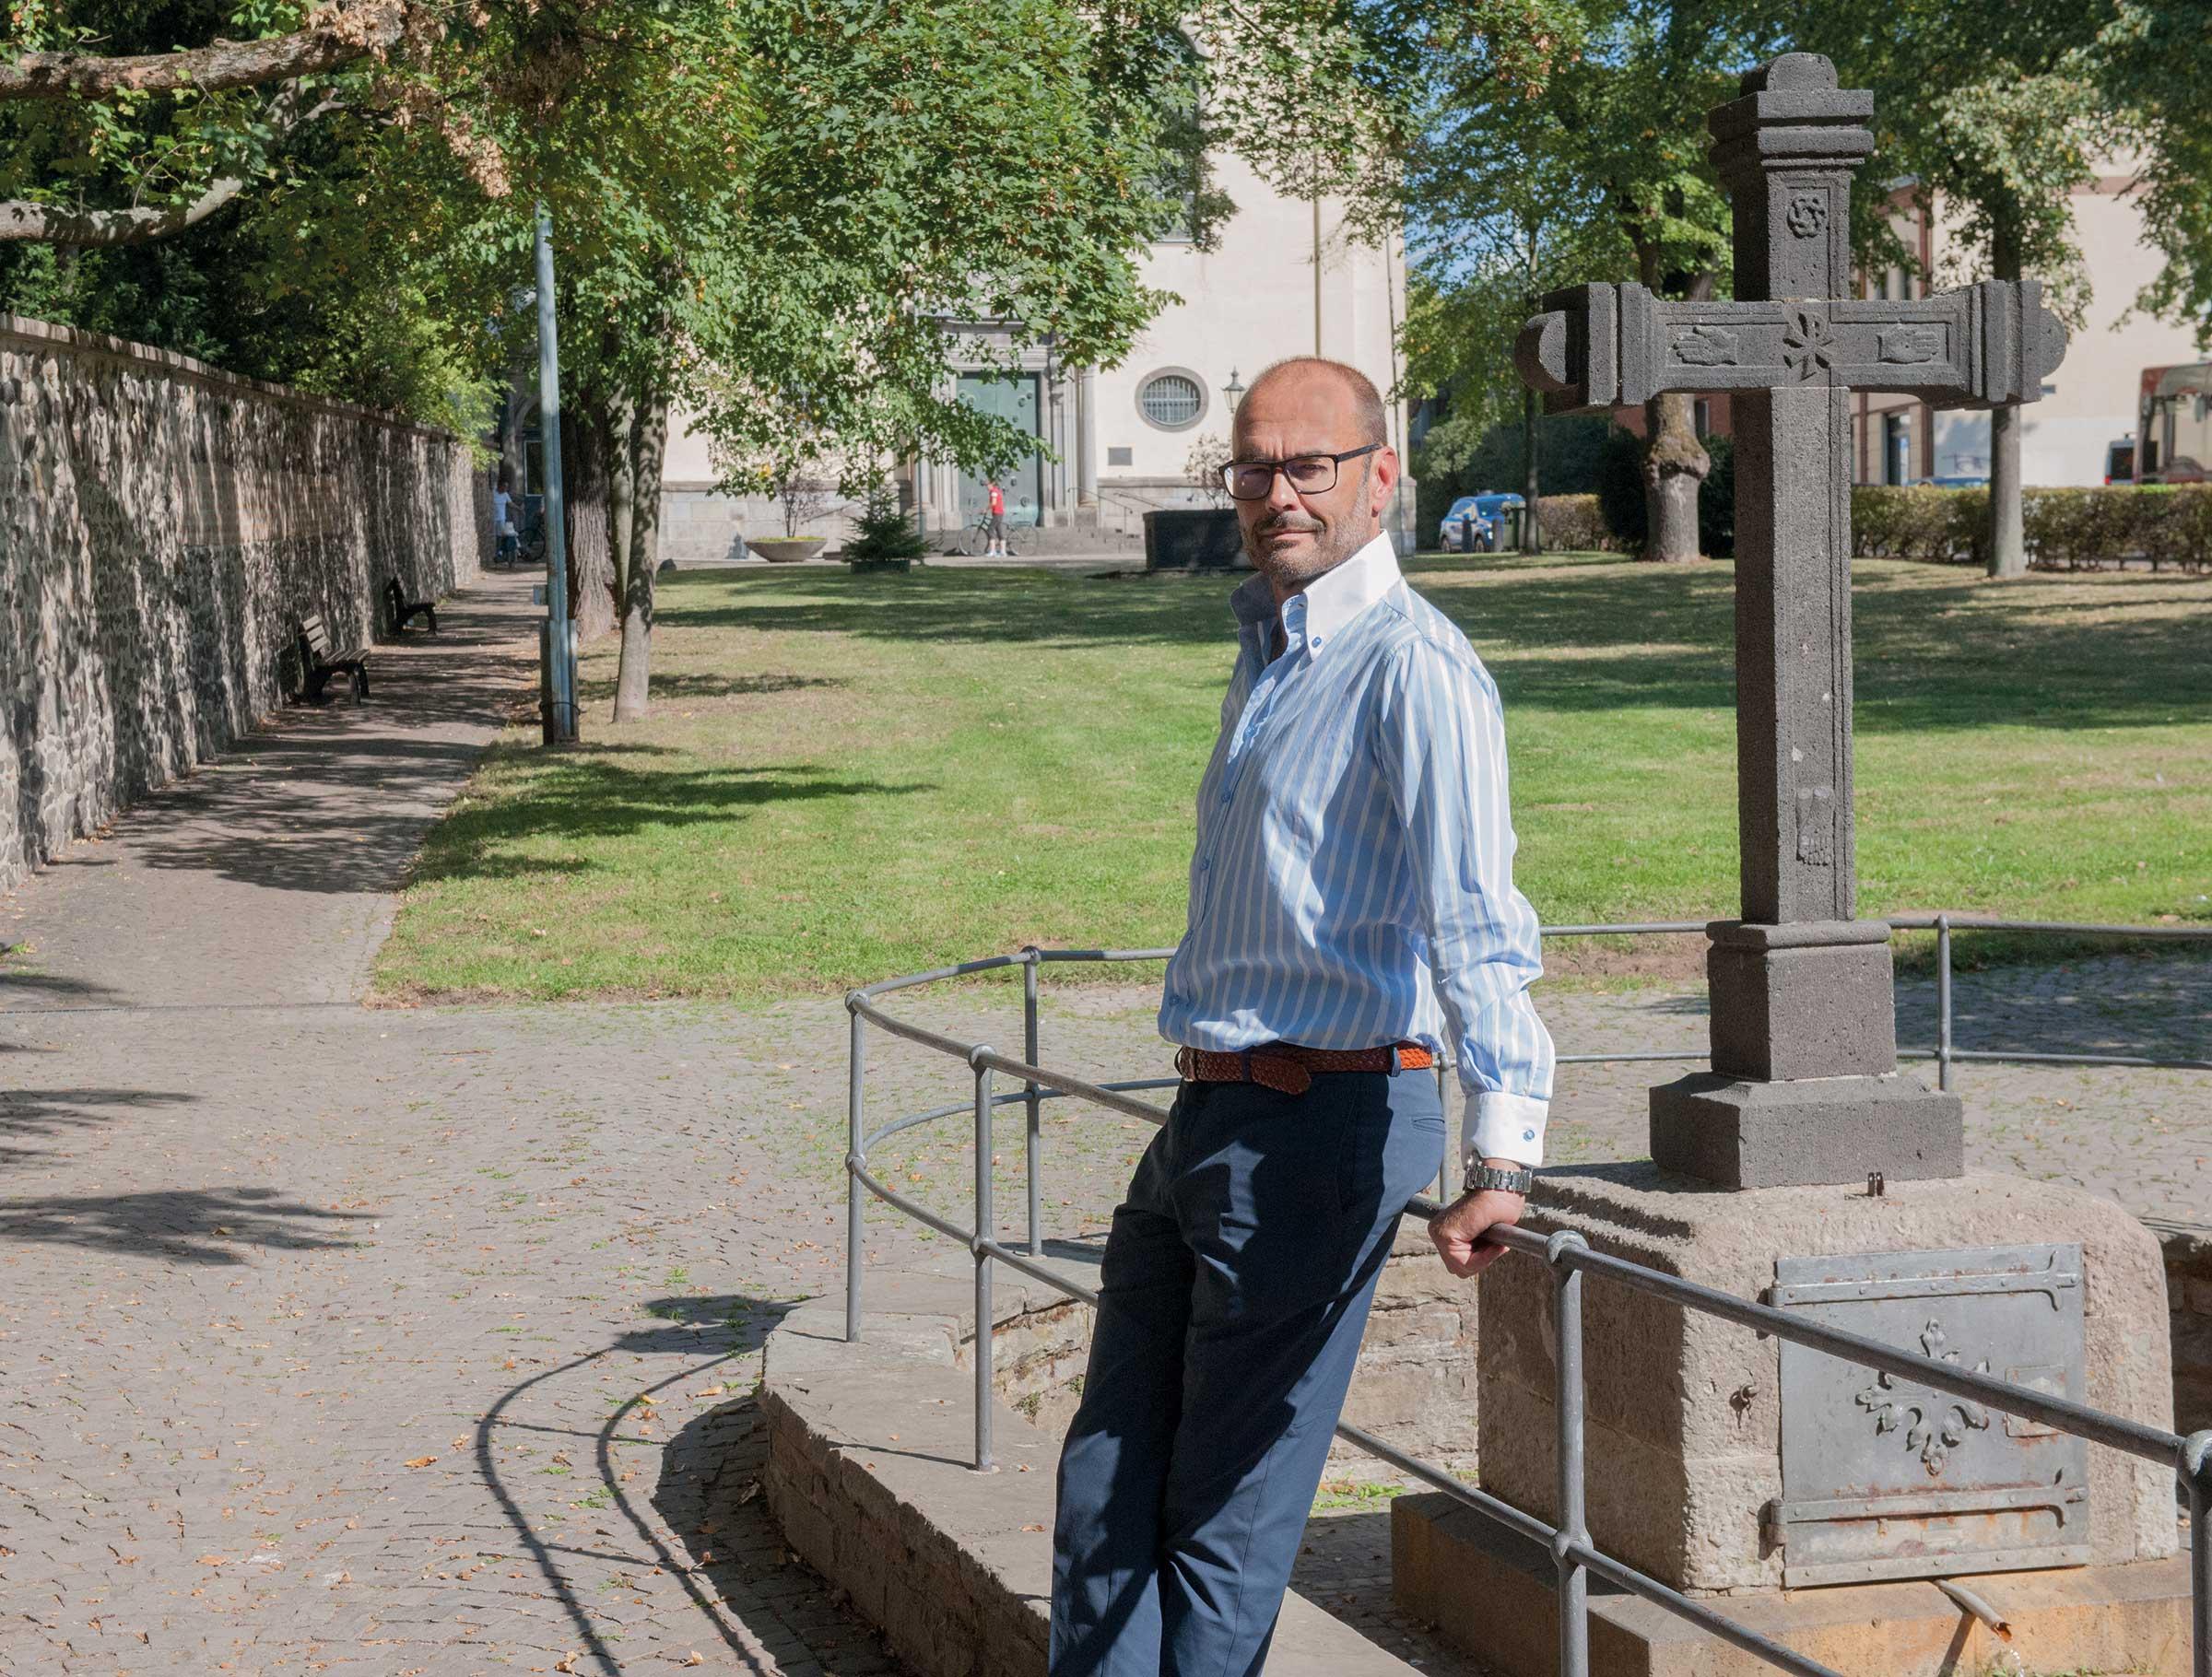 Markus Lentzen von Lentzen Garten- und Landschaftsbau GmbH